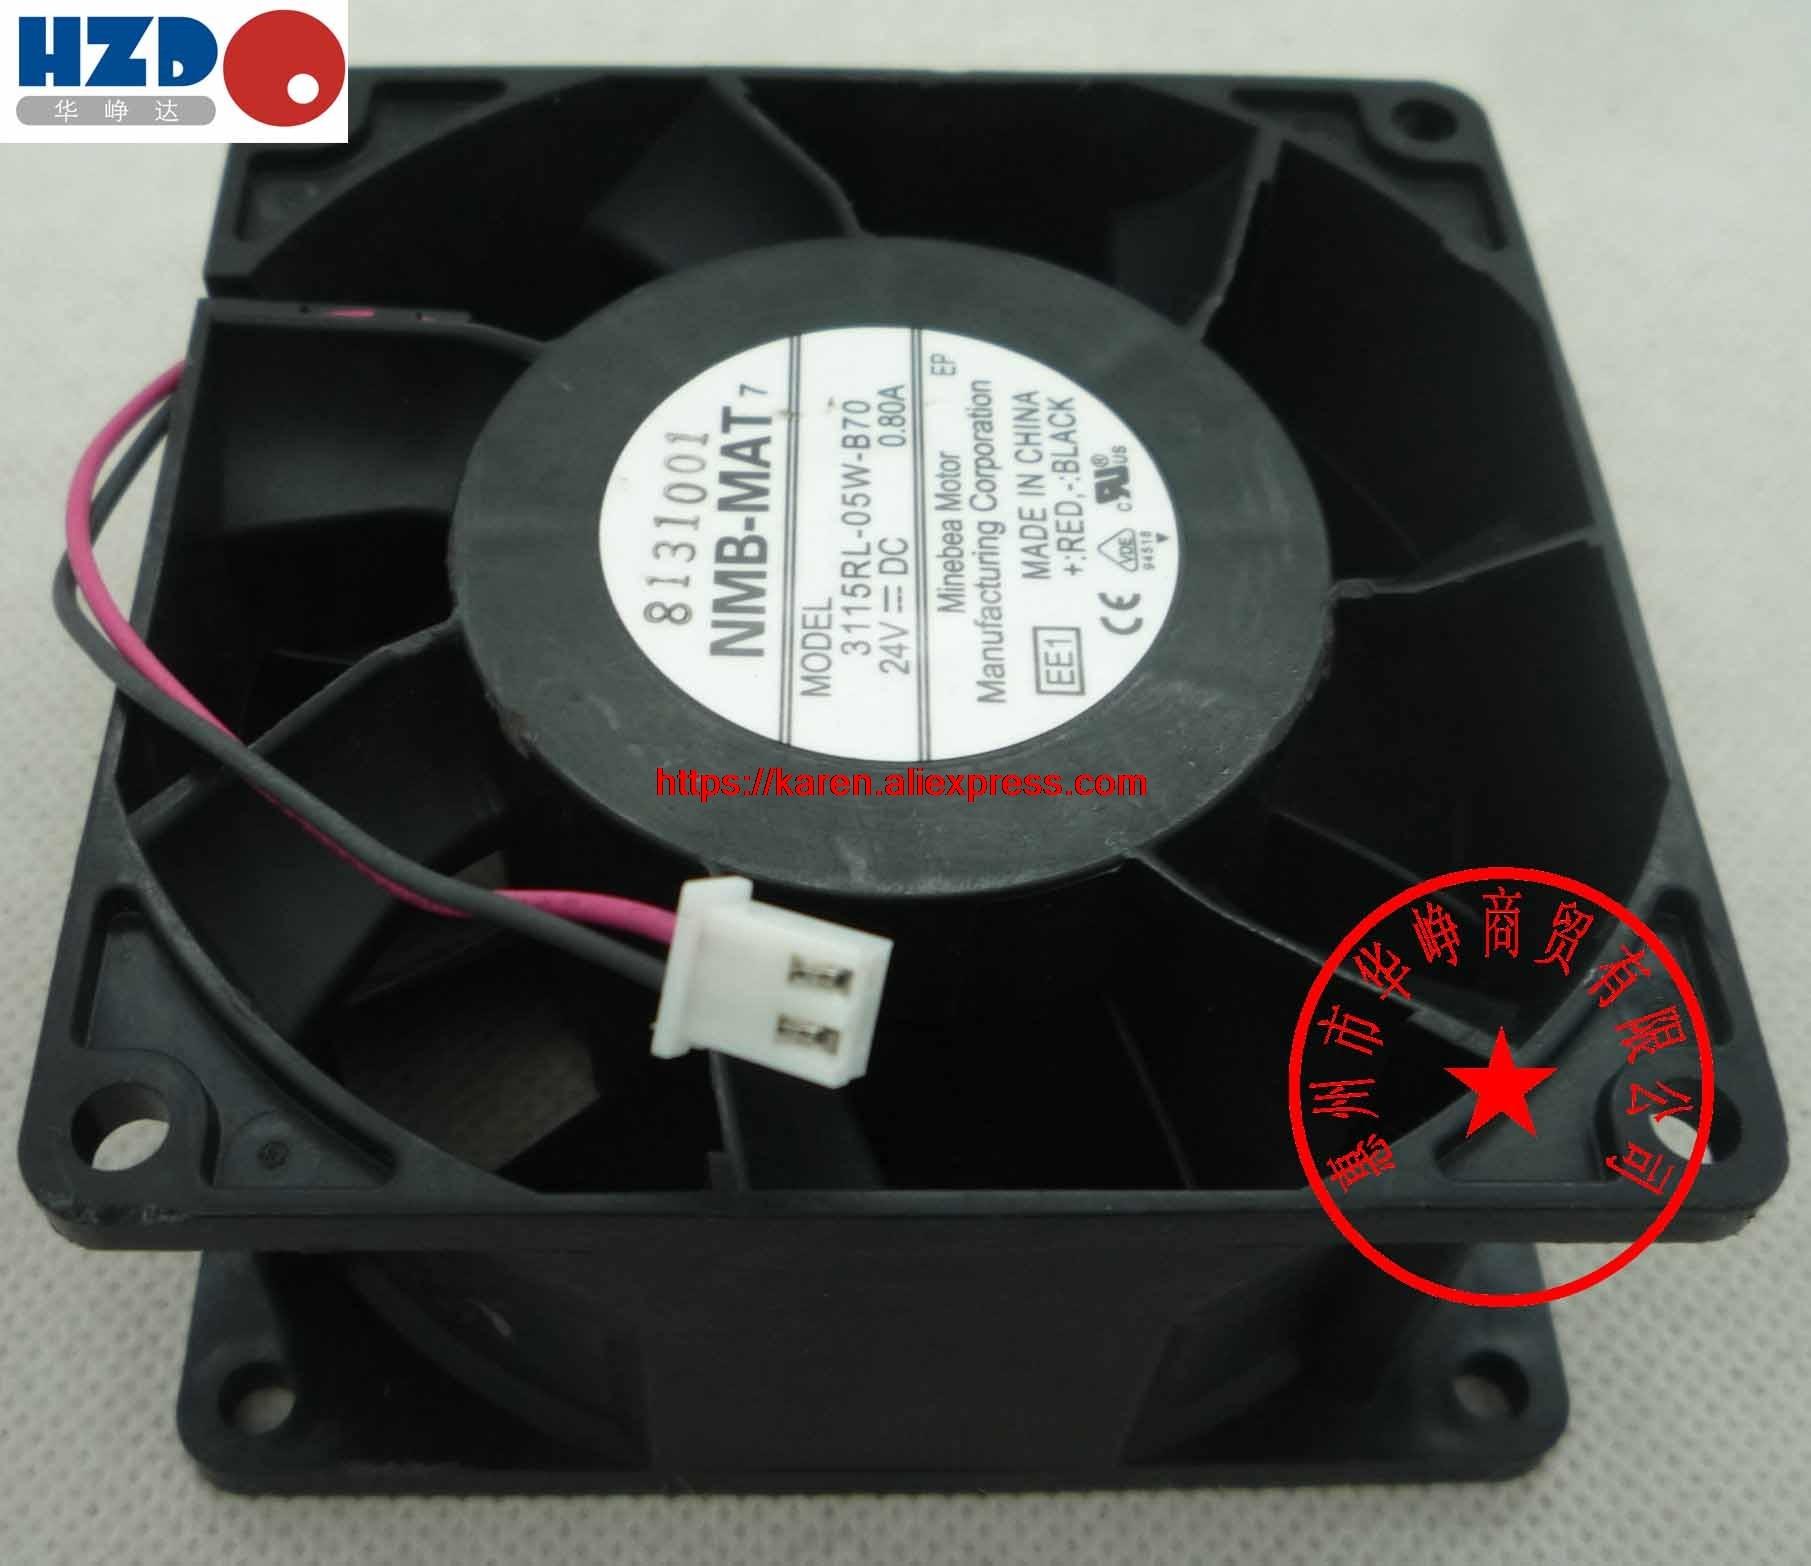 NMB 3115RL-05W-B70 0.8A 8cm 8038 24V 0.9A MGT8024YB-W38 Cooling fan nmb 3610kl 05w b49 9225 24v 3 wire cooling fan blower